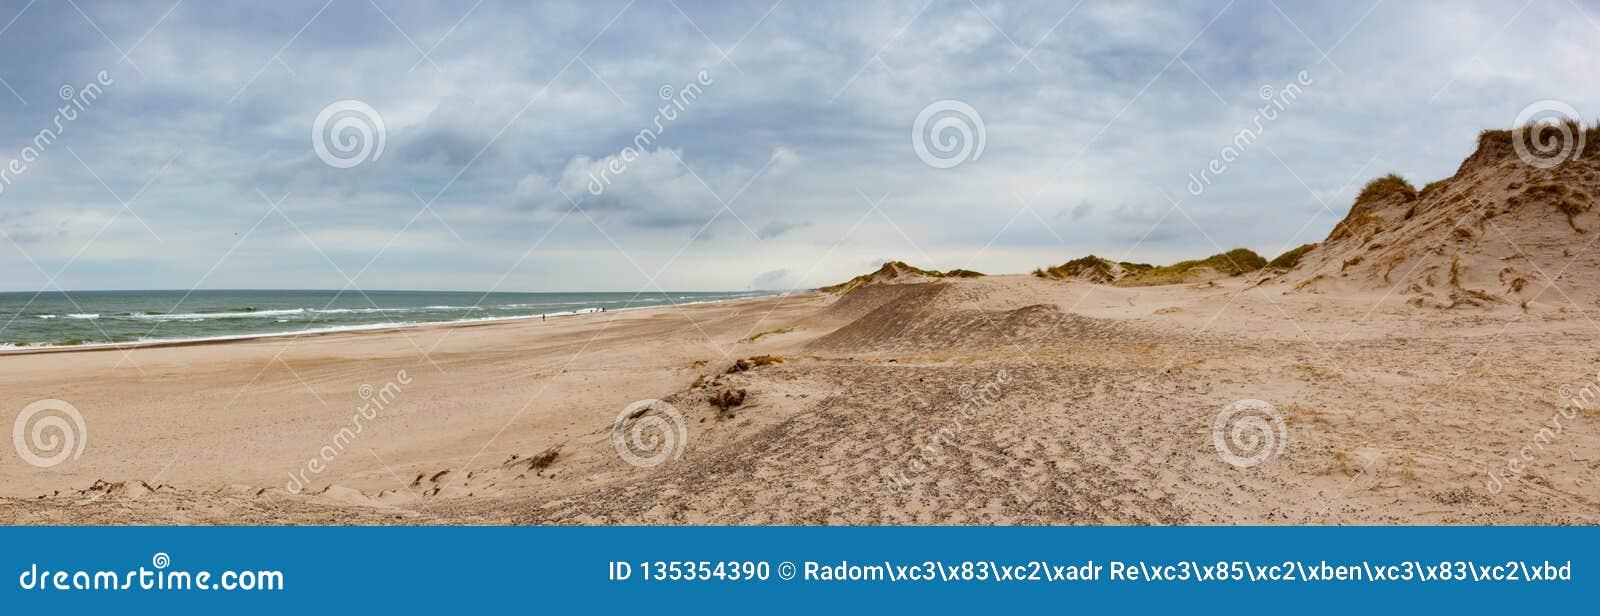 Το Hvide Sande είναι η επιτομή των παραλιών Δυτική Γιουτλάνδη, Δανία